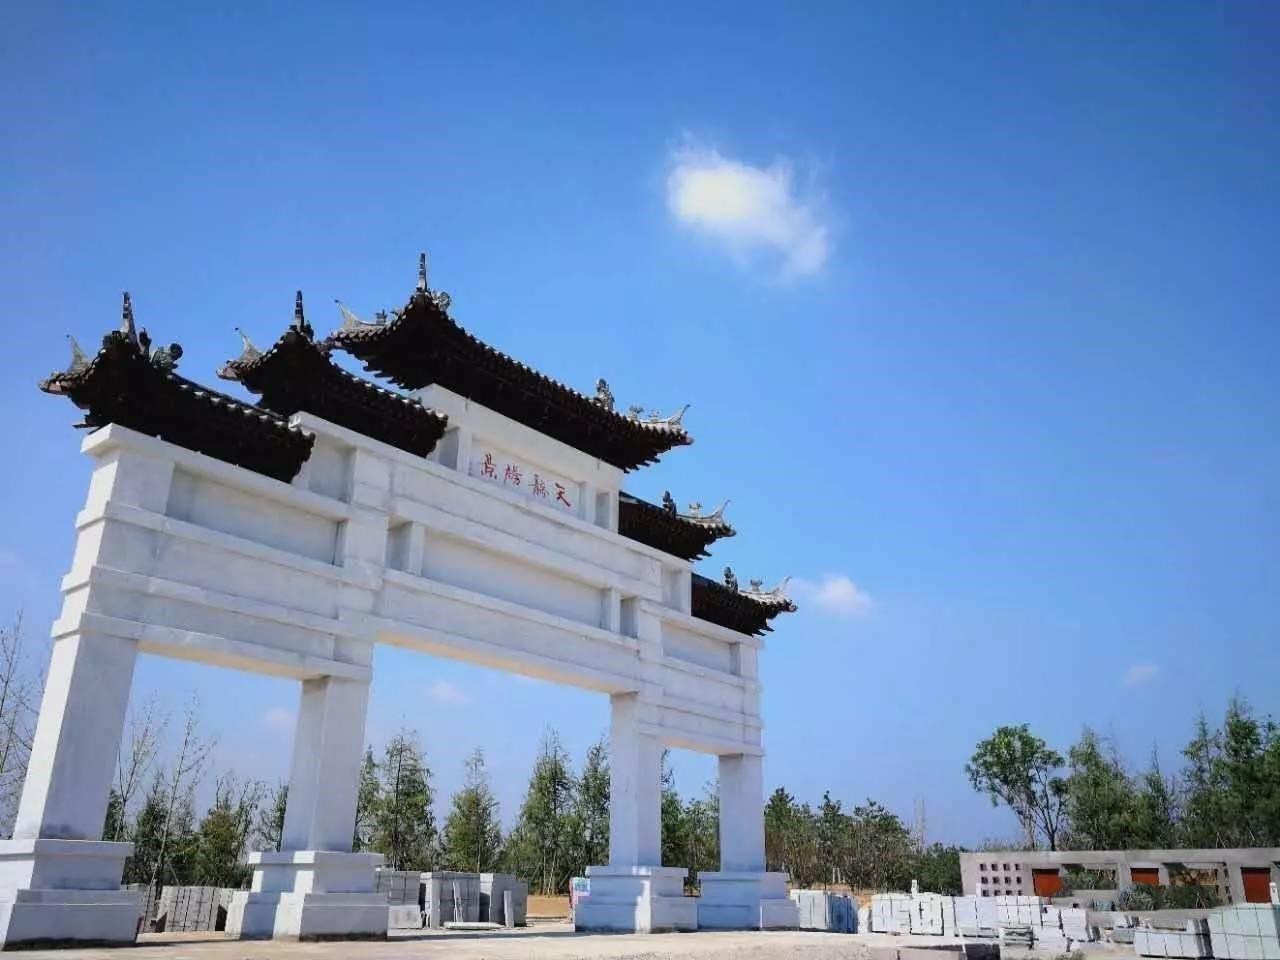 夏邑县人口有多少_夏邑县的人口